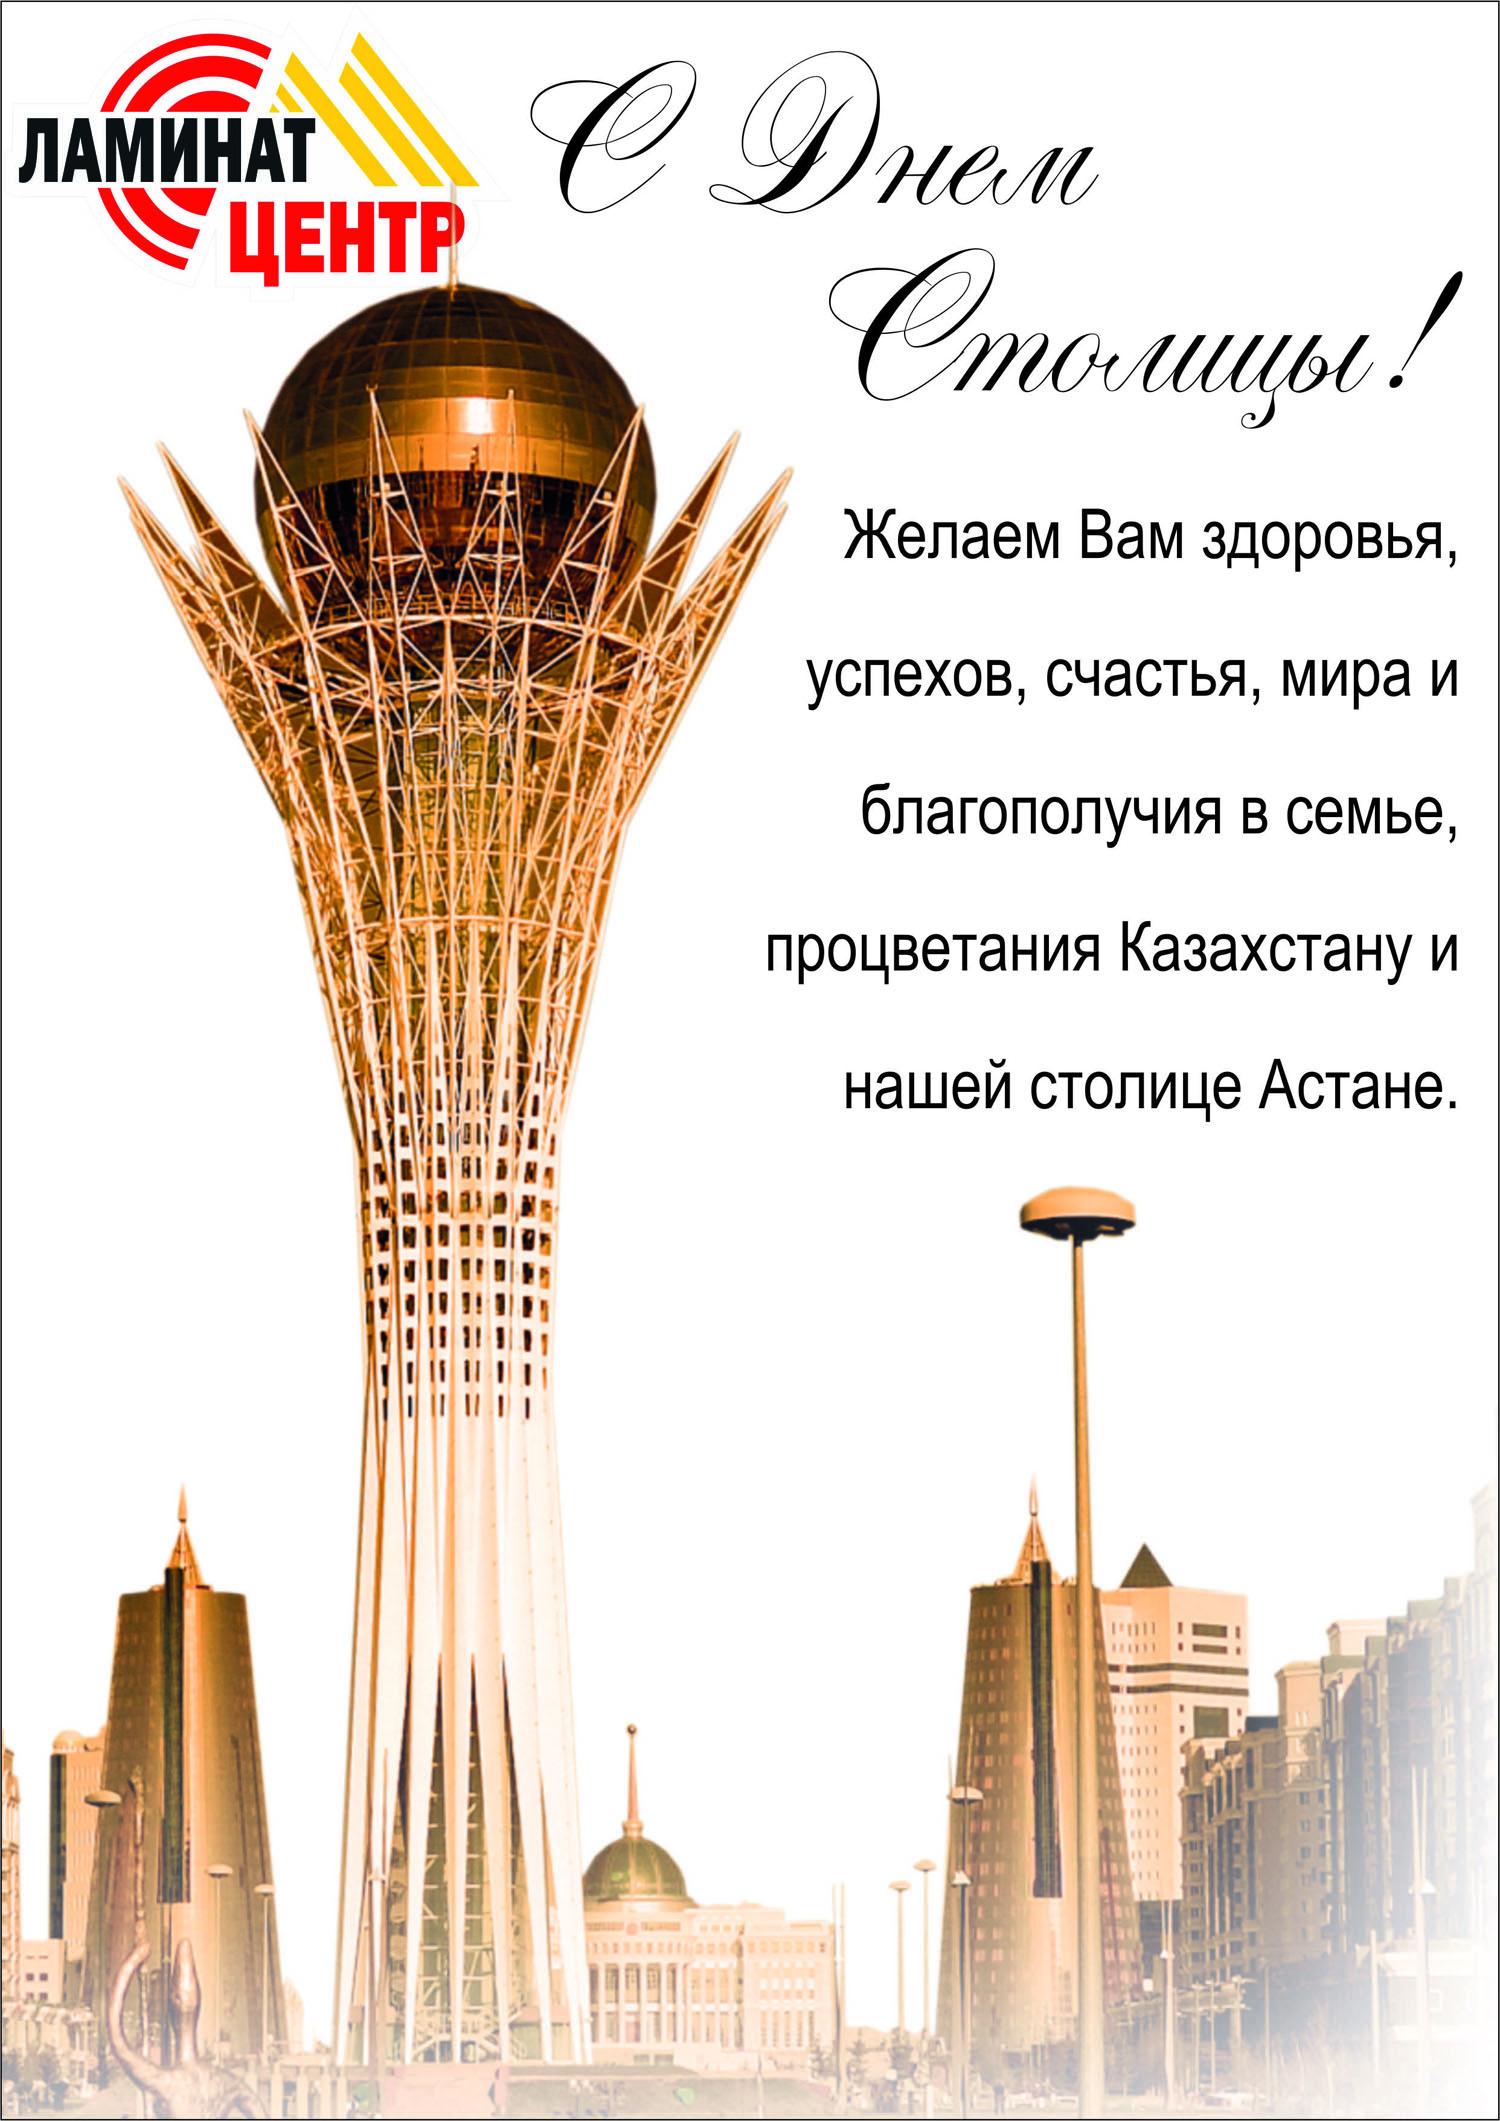 очередной поздравительные открытки с днем города астана серия смайликов вышла